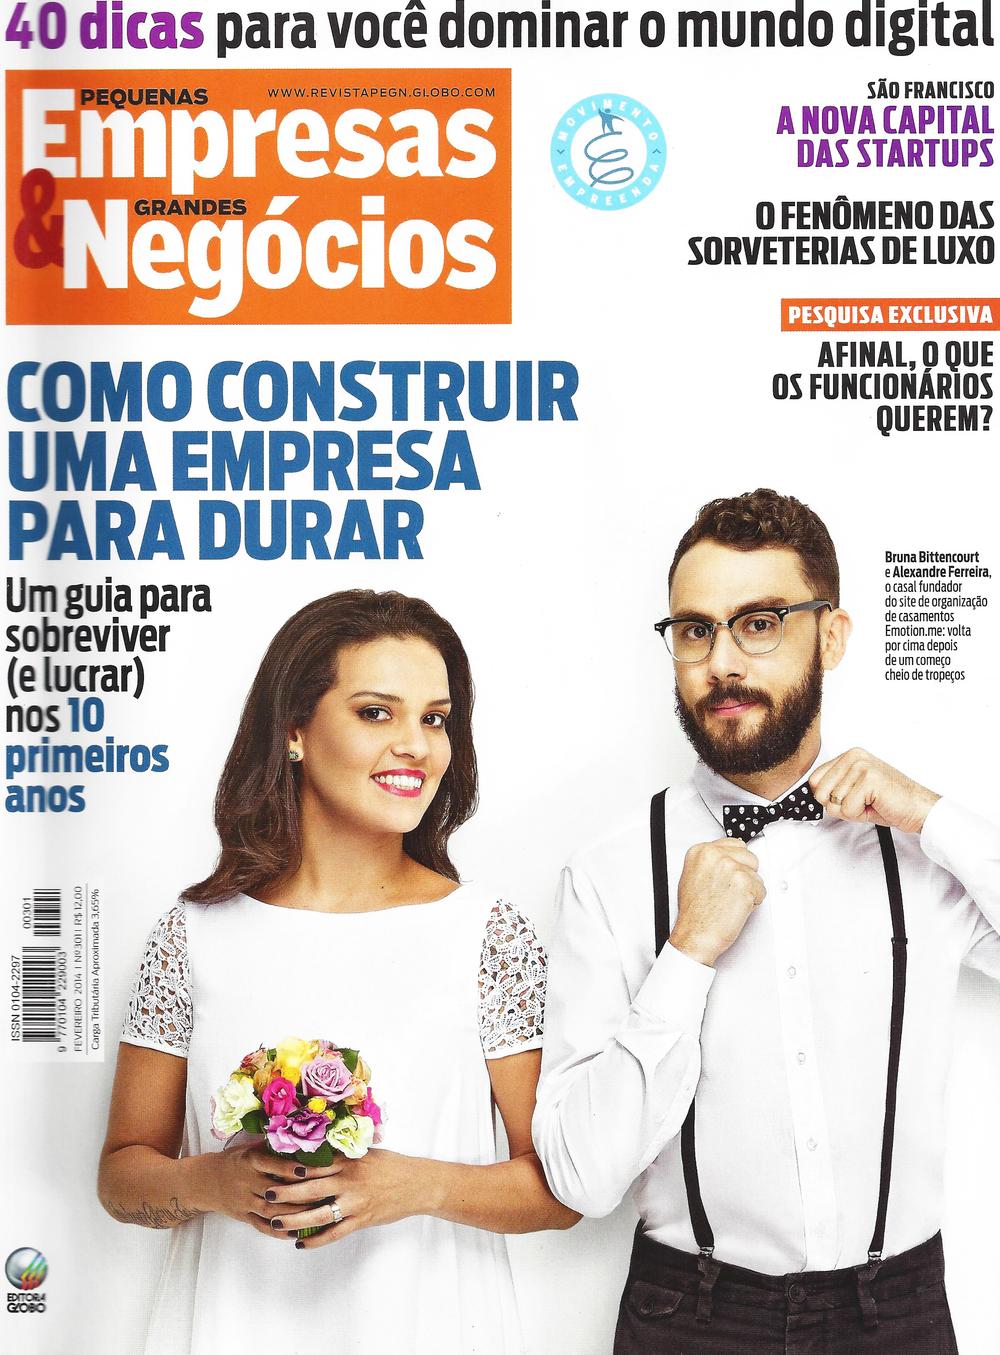 Fevereiro.2014.Revista Capa Pequenas empresas e grandes negócios-veduca.jpeg